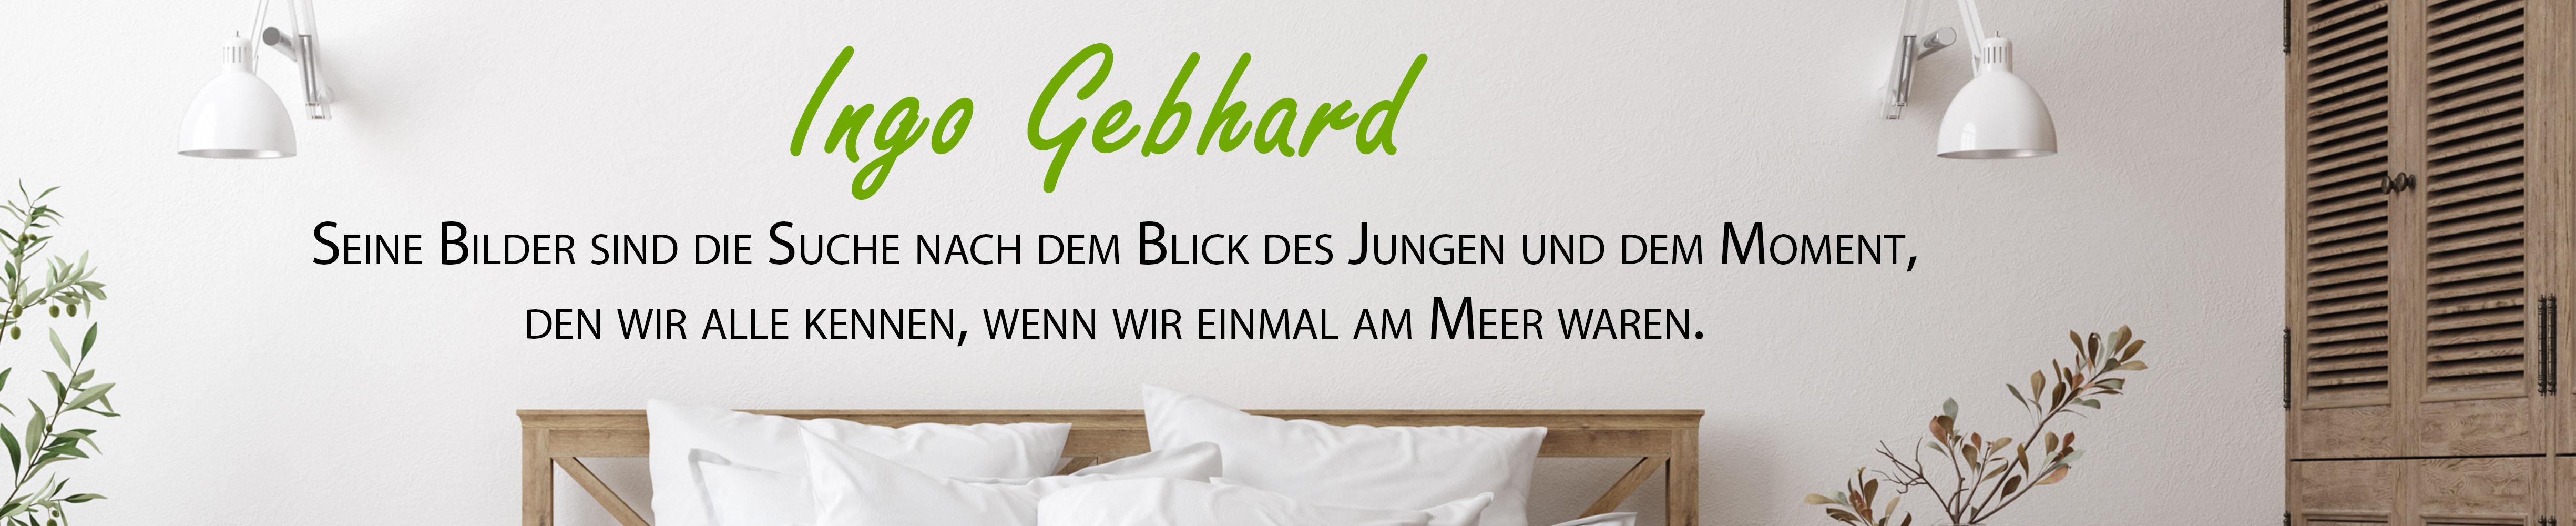 Kategorie: Ingo Gebhard